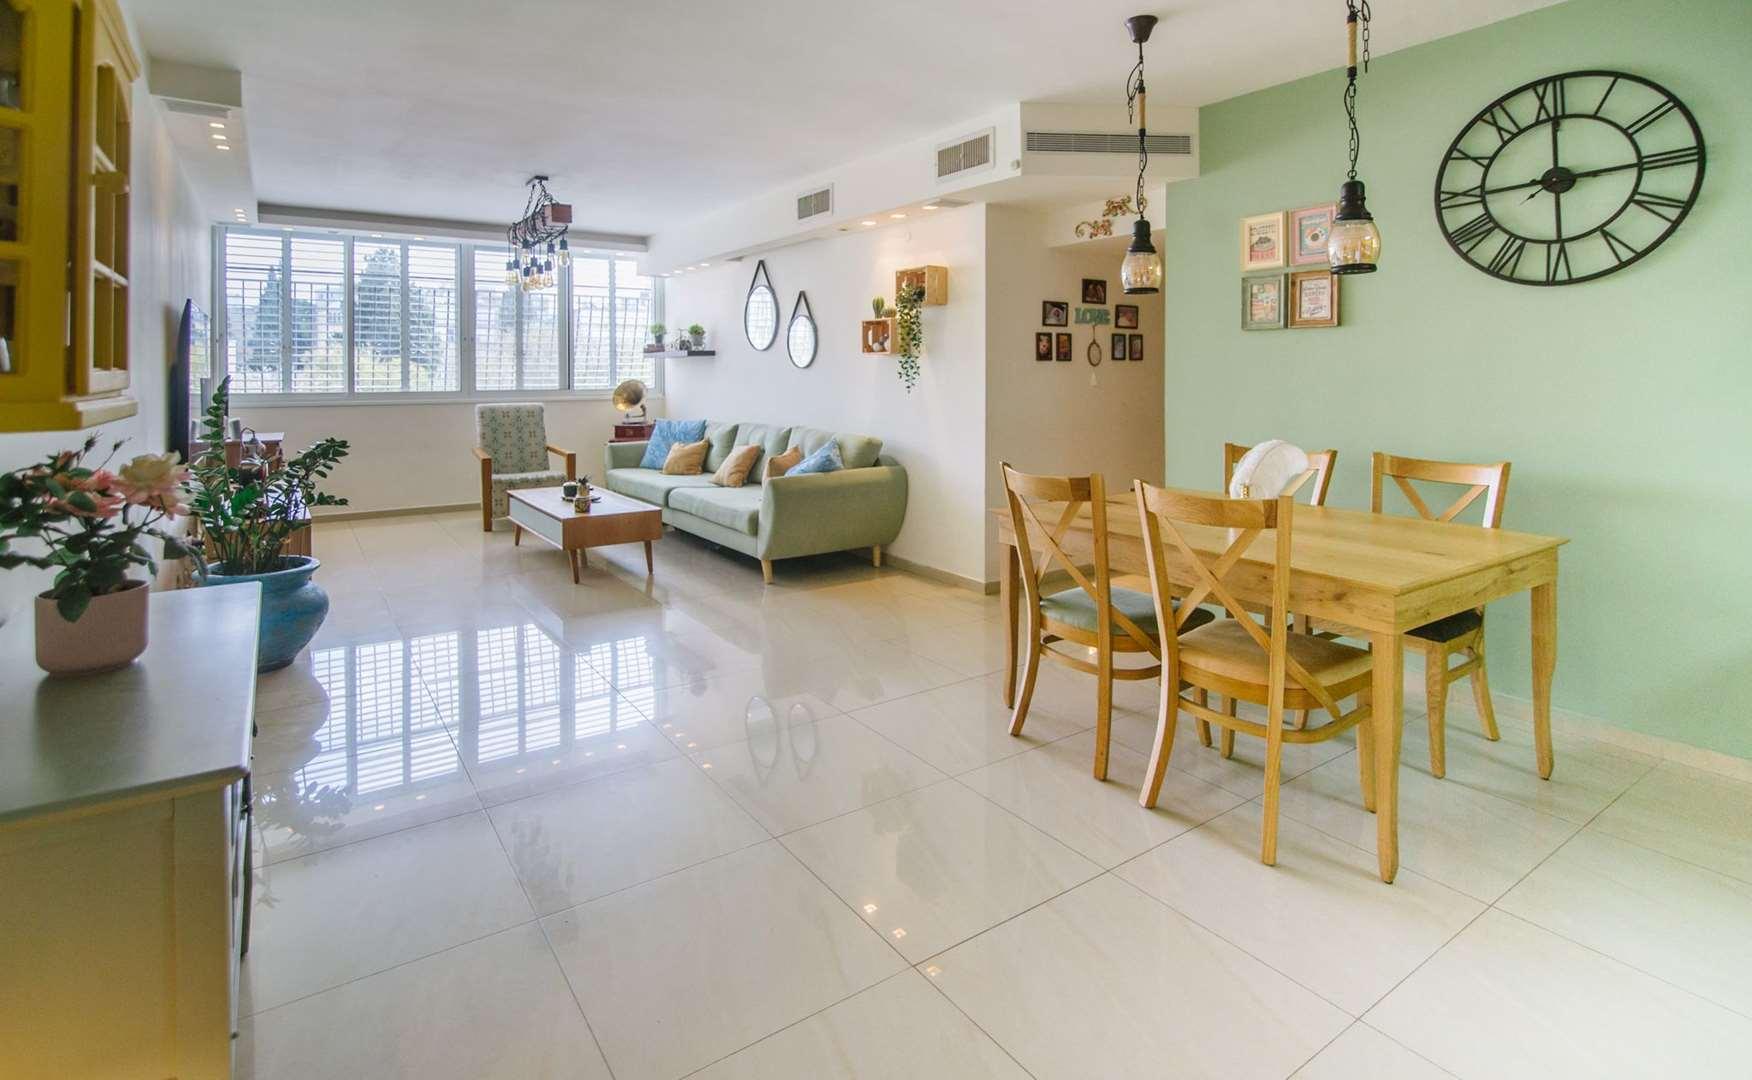 דירה למכירה 4 חדרים בפתח תקווה סעדיה גאון